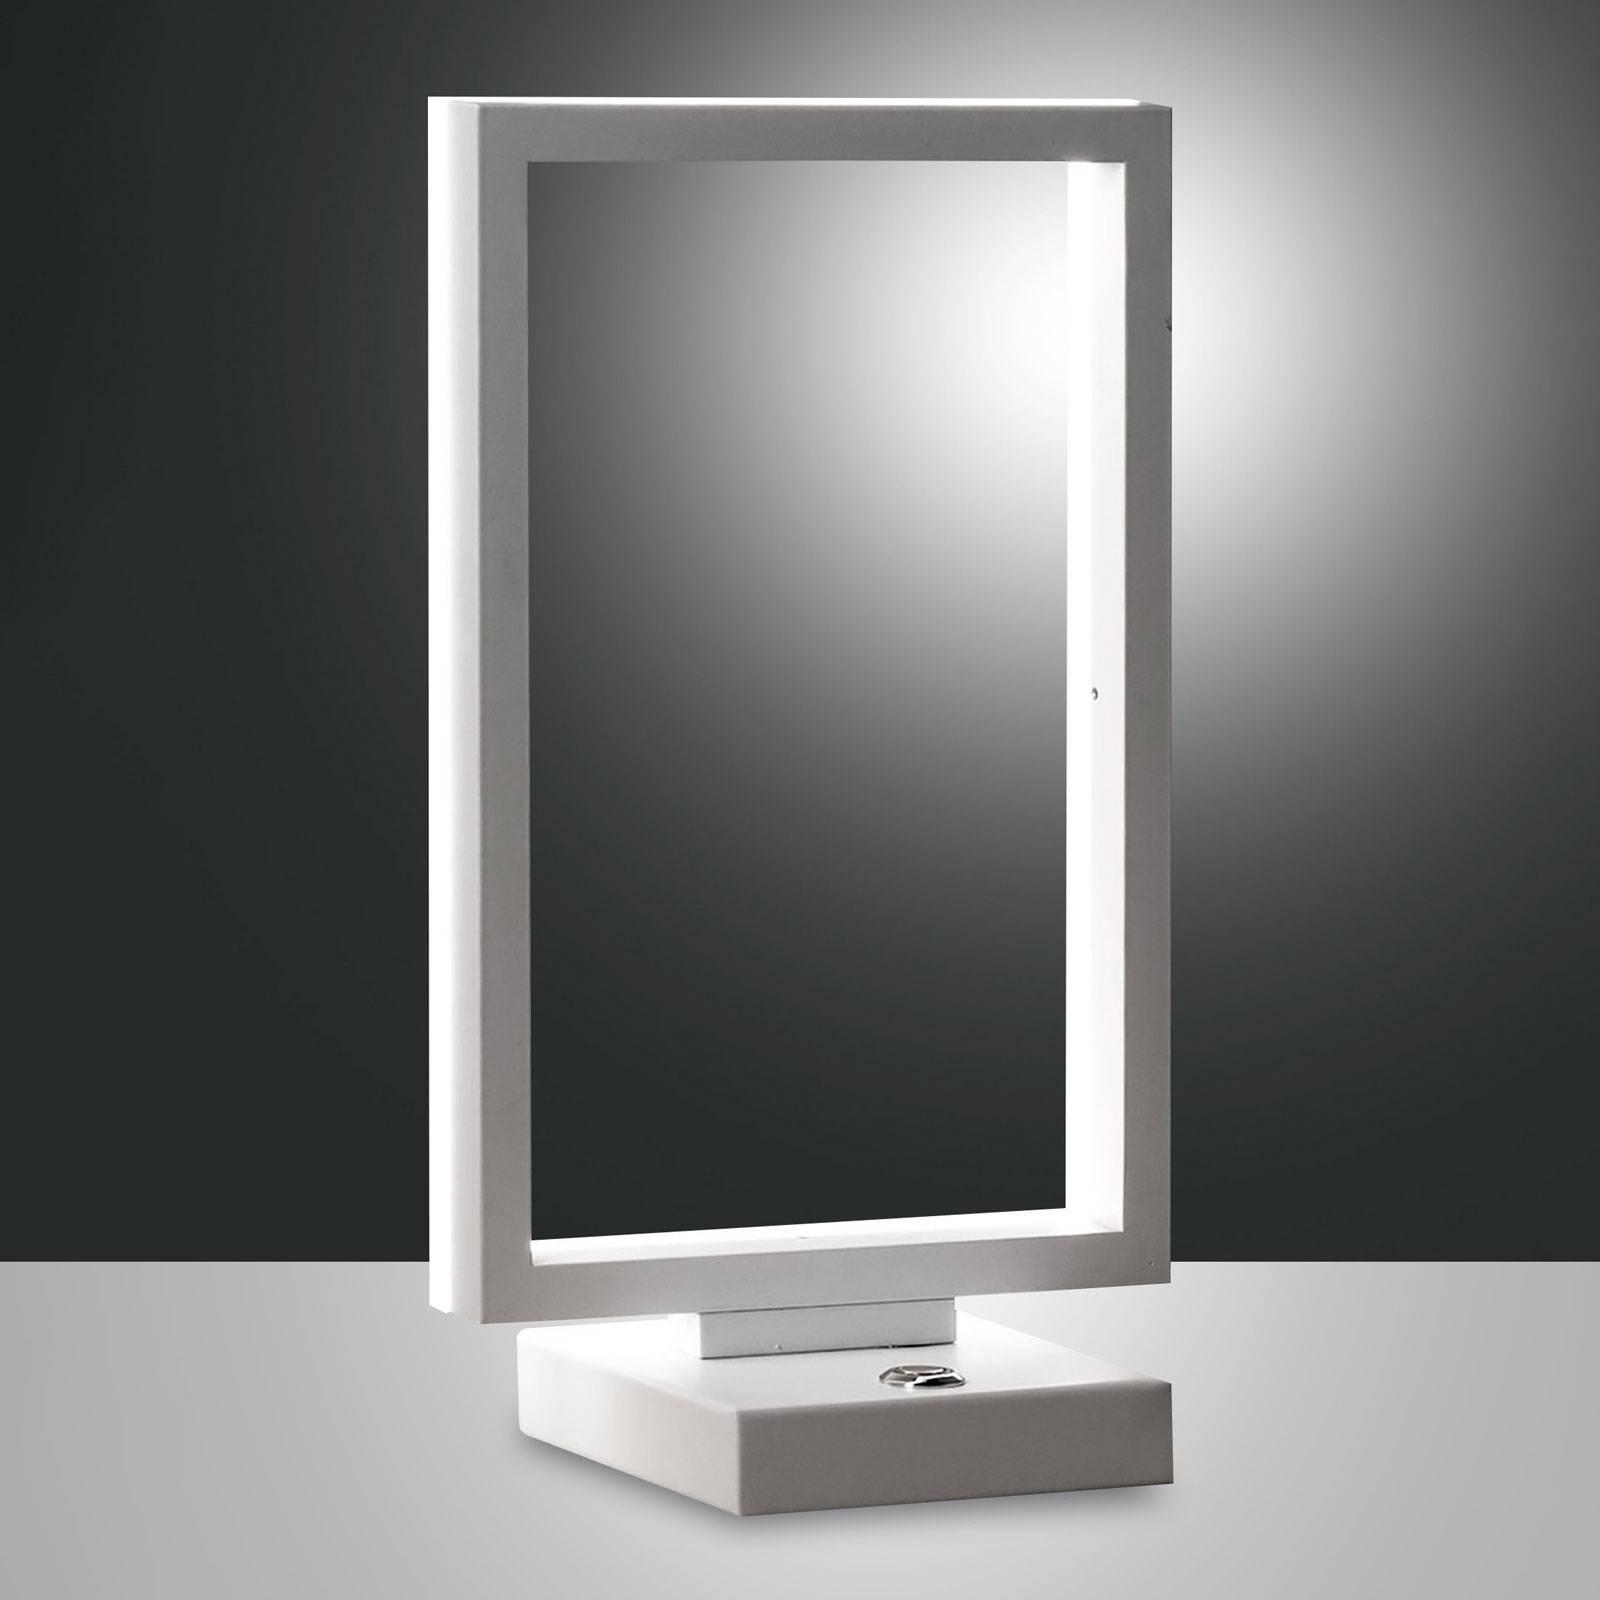 LED tafellamp Bard, dimbaar, in wit